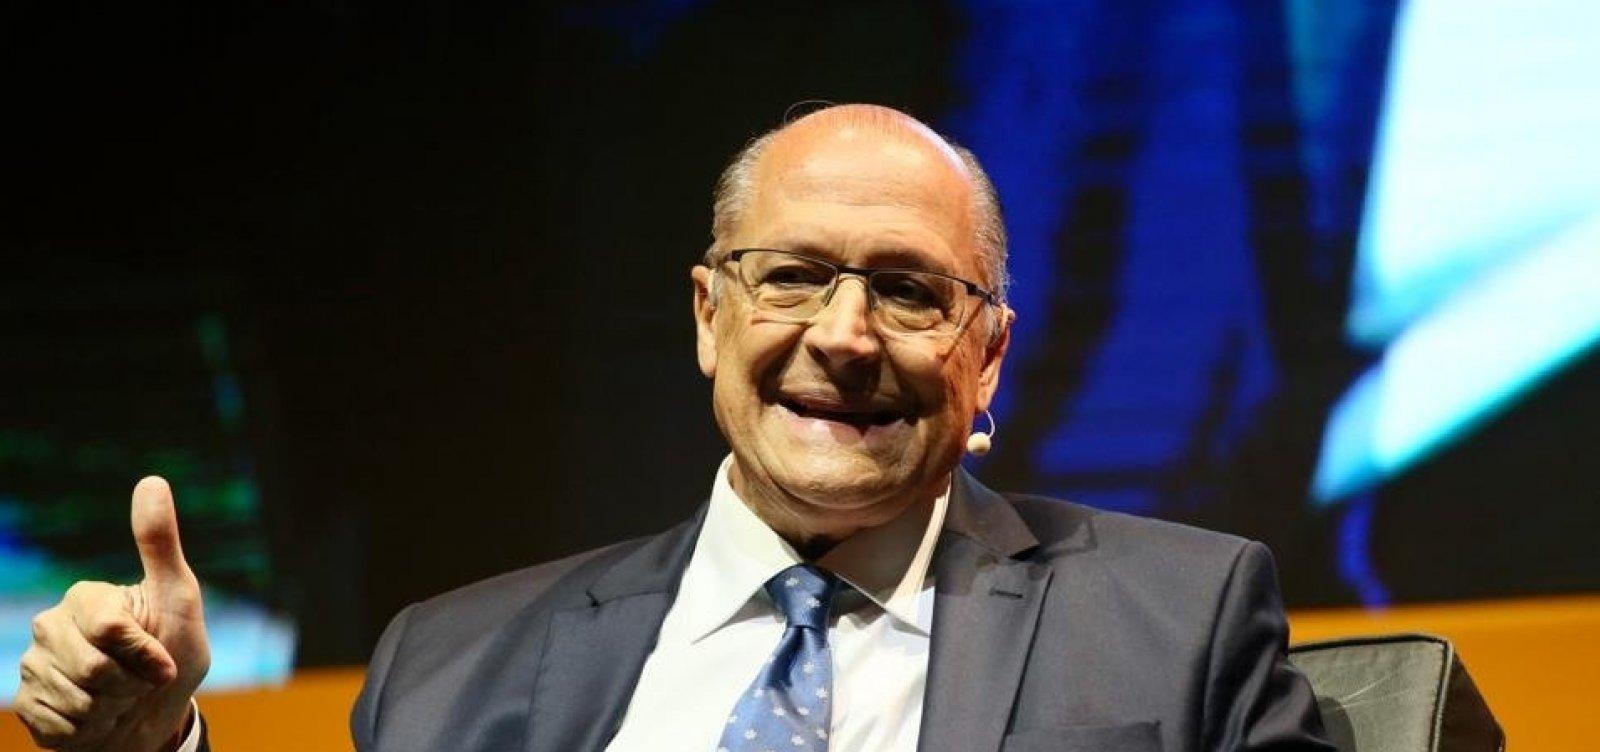 [Alckmin volta a pregar 'voto útil' e chama disputa entre PT e PSL de 'bipolarização equivocada']